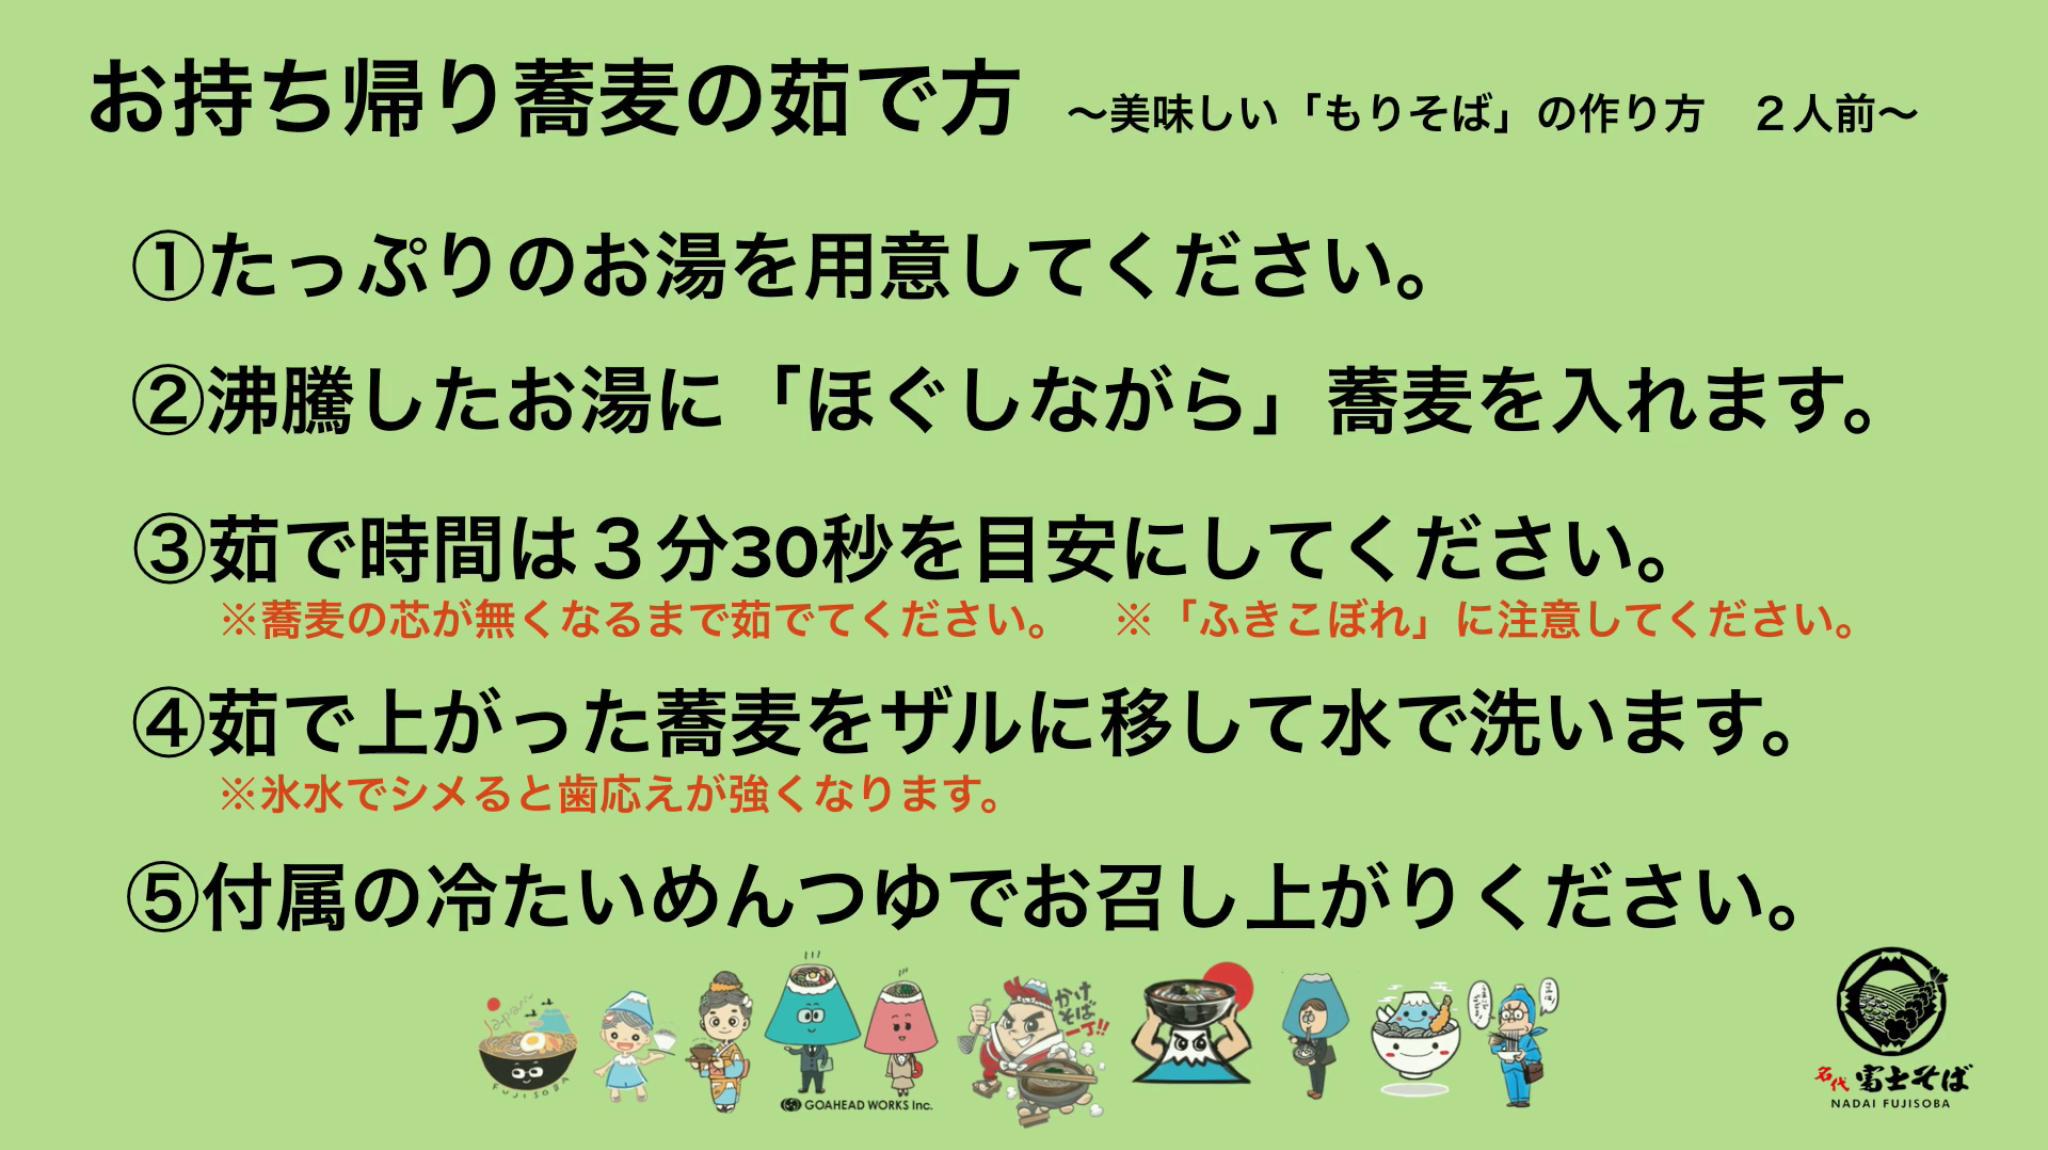 https://fujisoba.co.jp/news/assets/1df281d54568ecd6a5f63a97a87e98da0dde3271.jpg